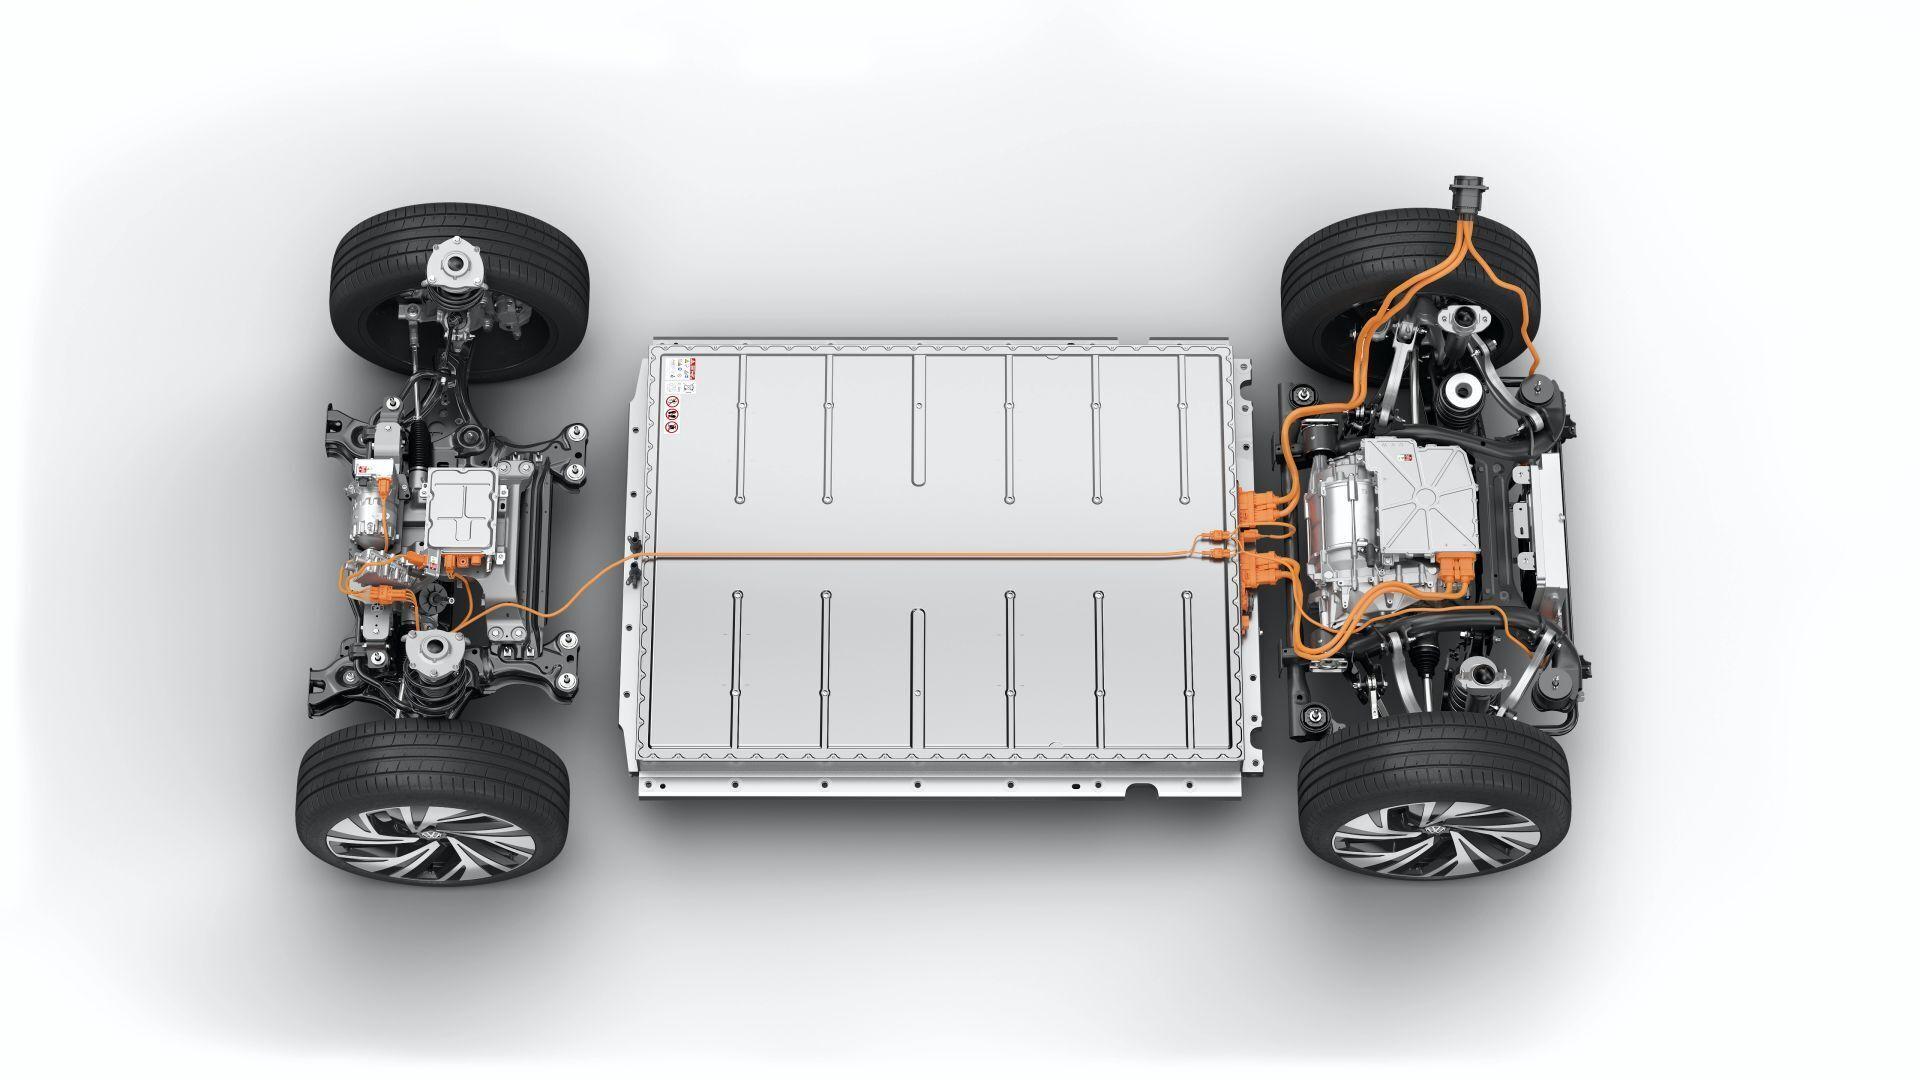 Cпециалисты Ford проводят тесты компактного кроссовера на базе компактной платформы MEB от Volkswagen